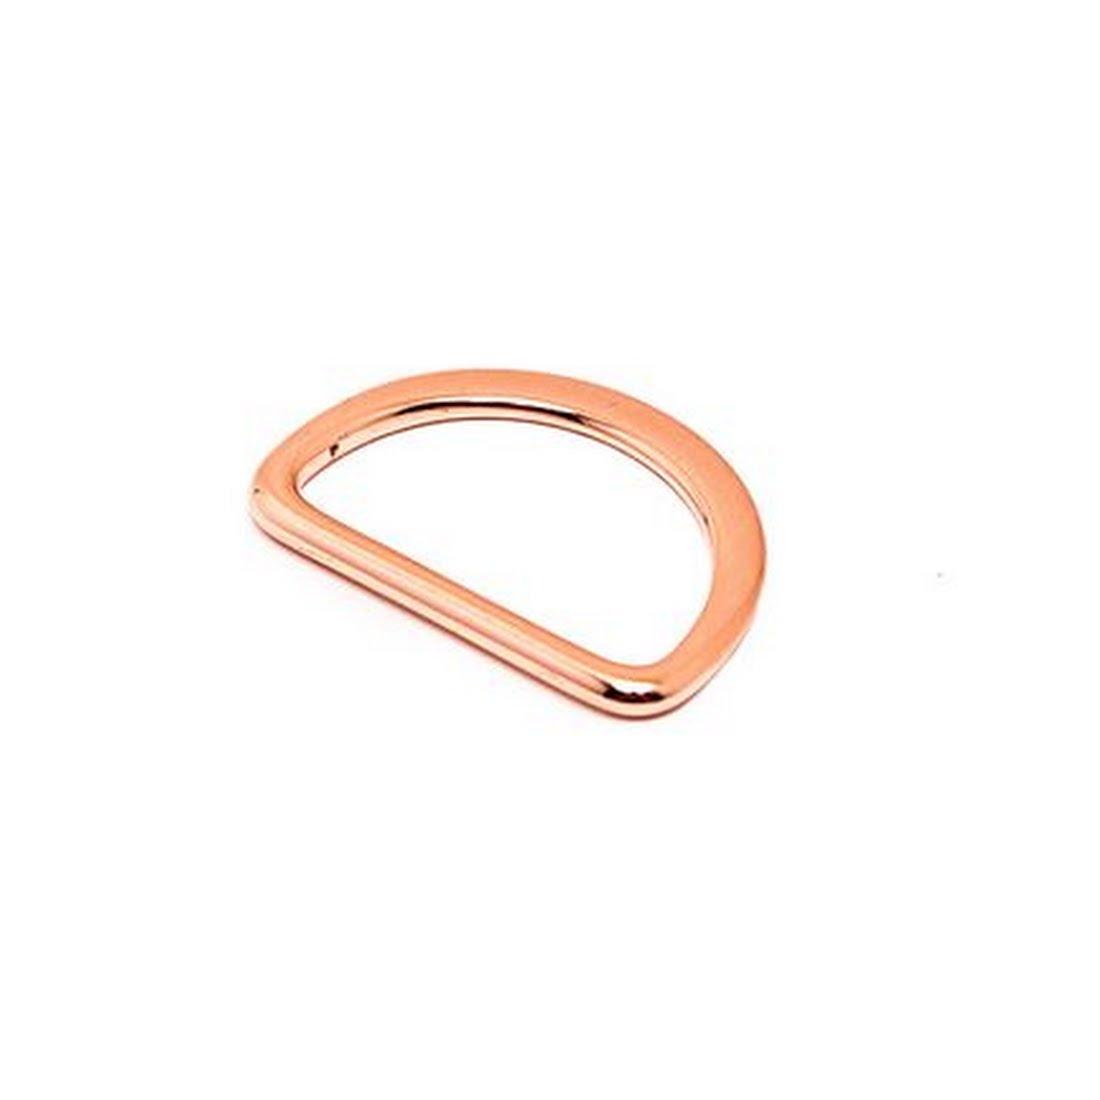 Taschenzubehör - D-Ring KUPFER 25mm